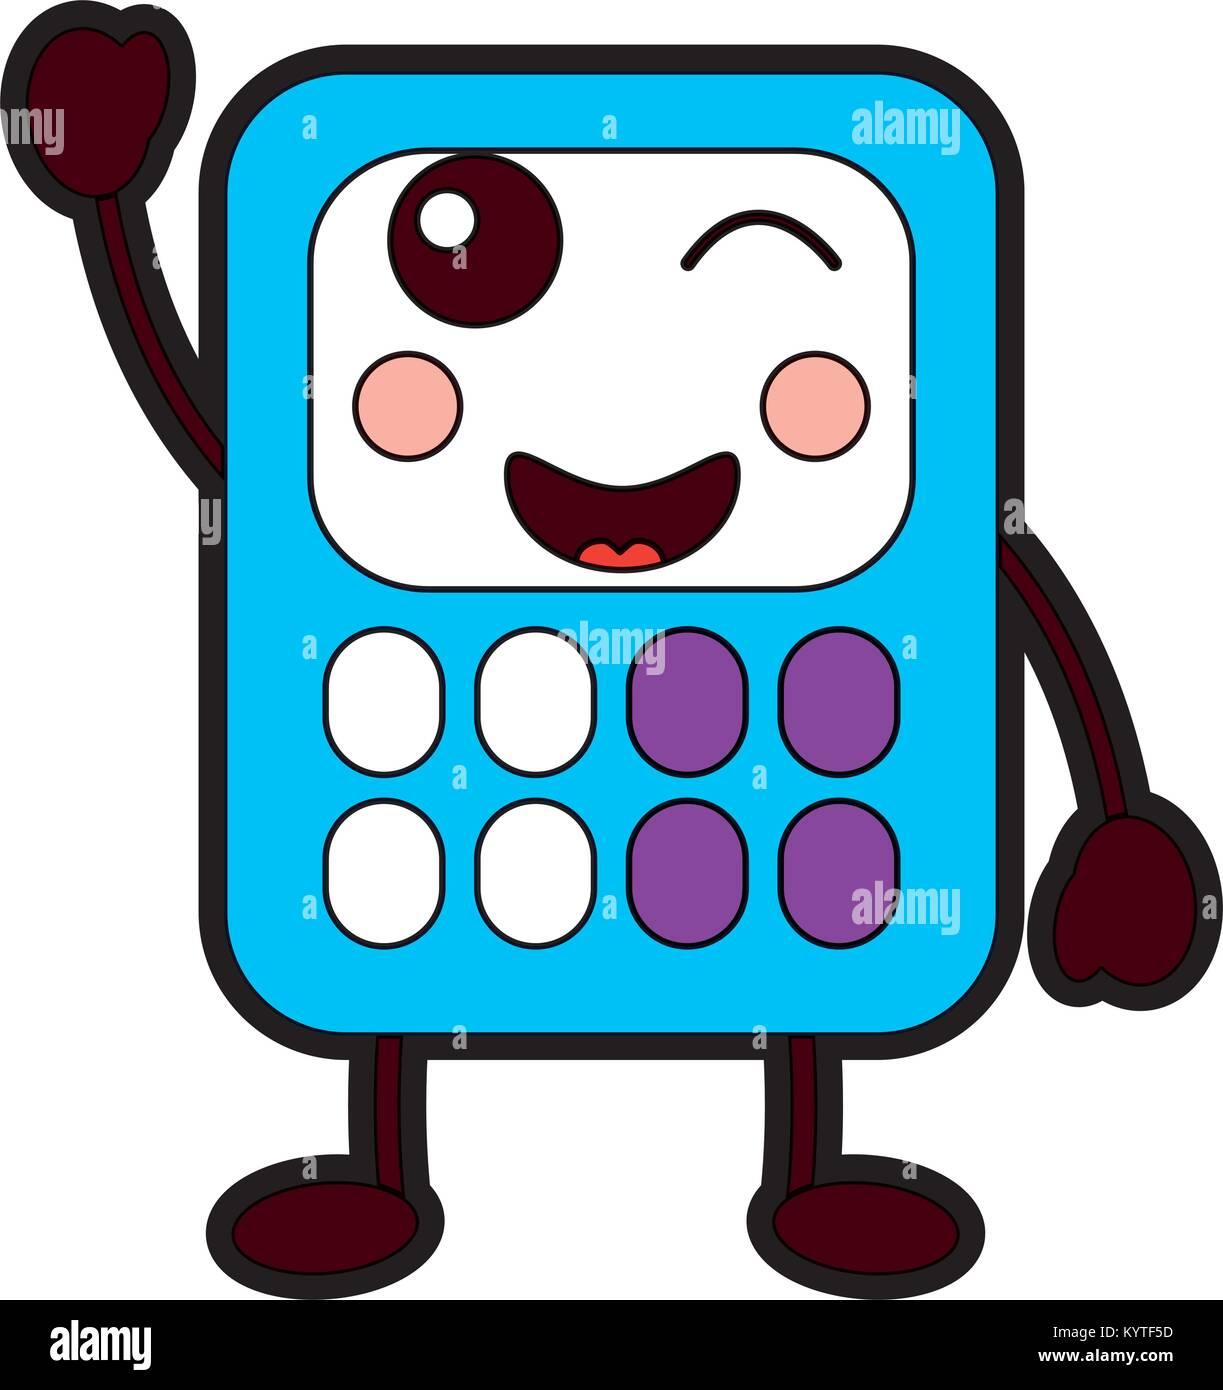 Calculadora Matemática Kawaii Cartoon Character Ilustración Del